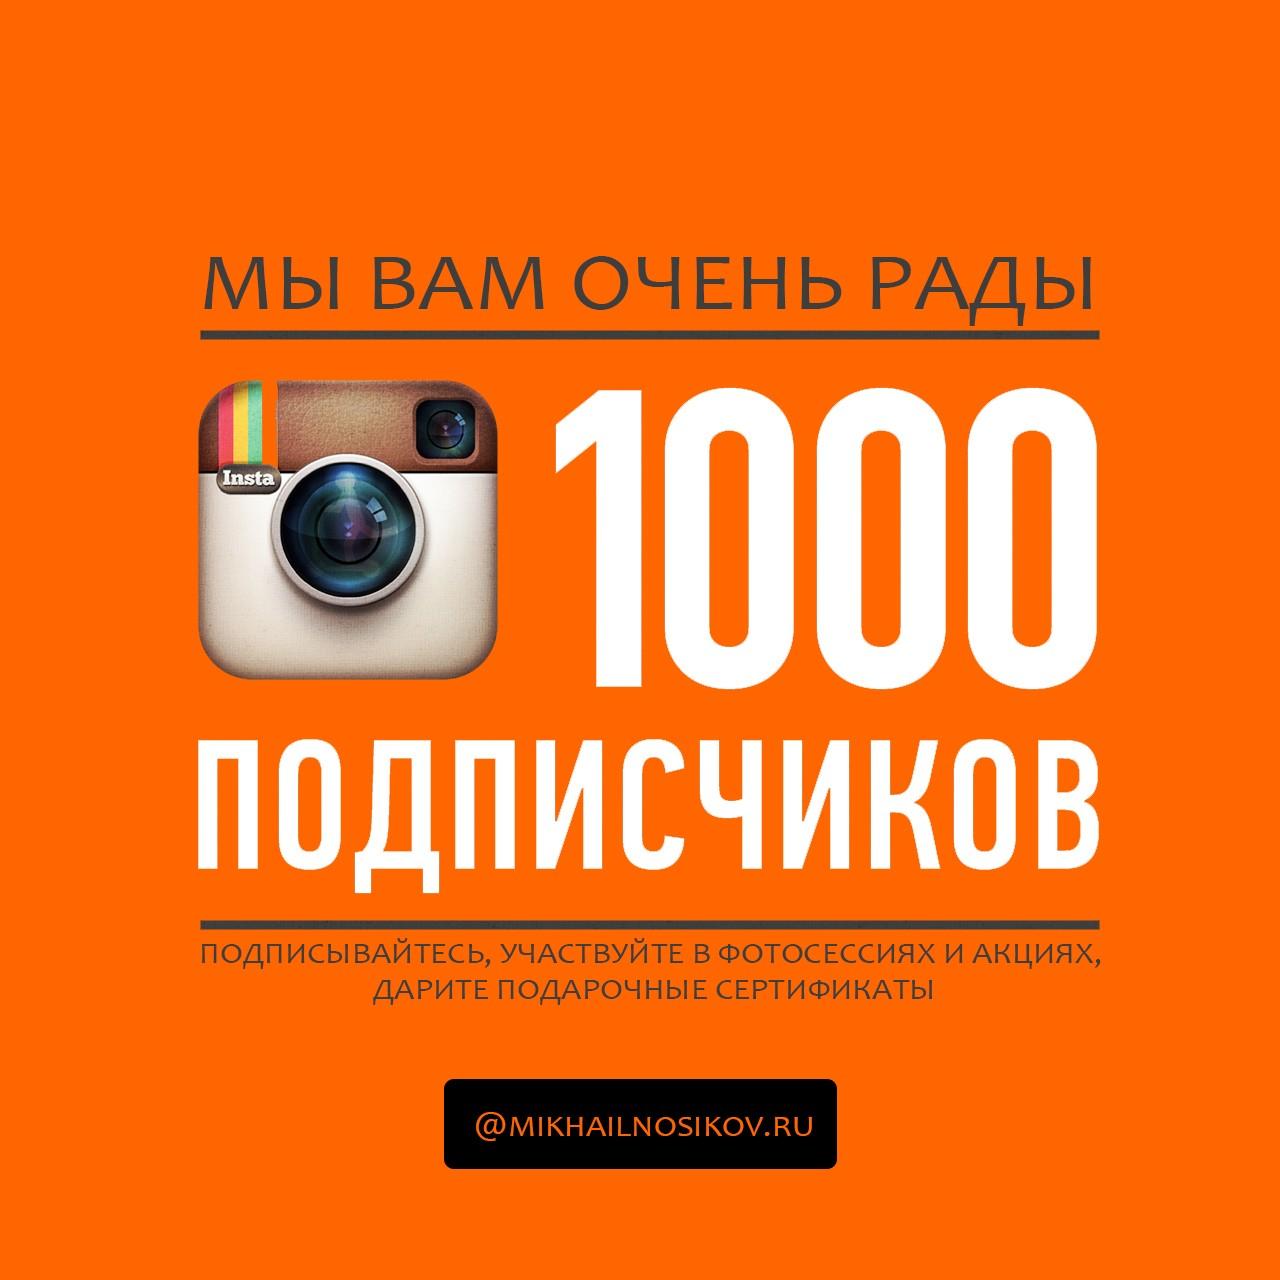 mikhailnosikov.ru instagram